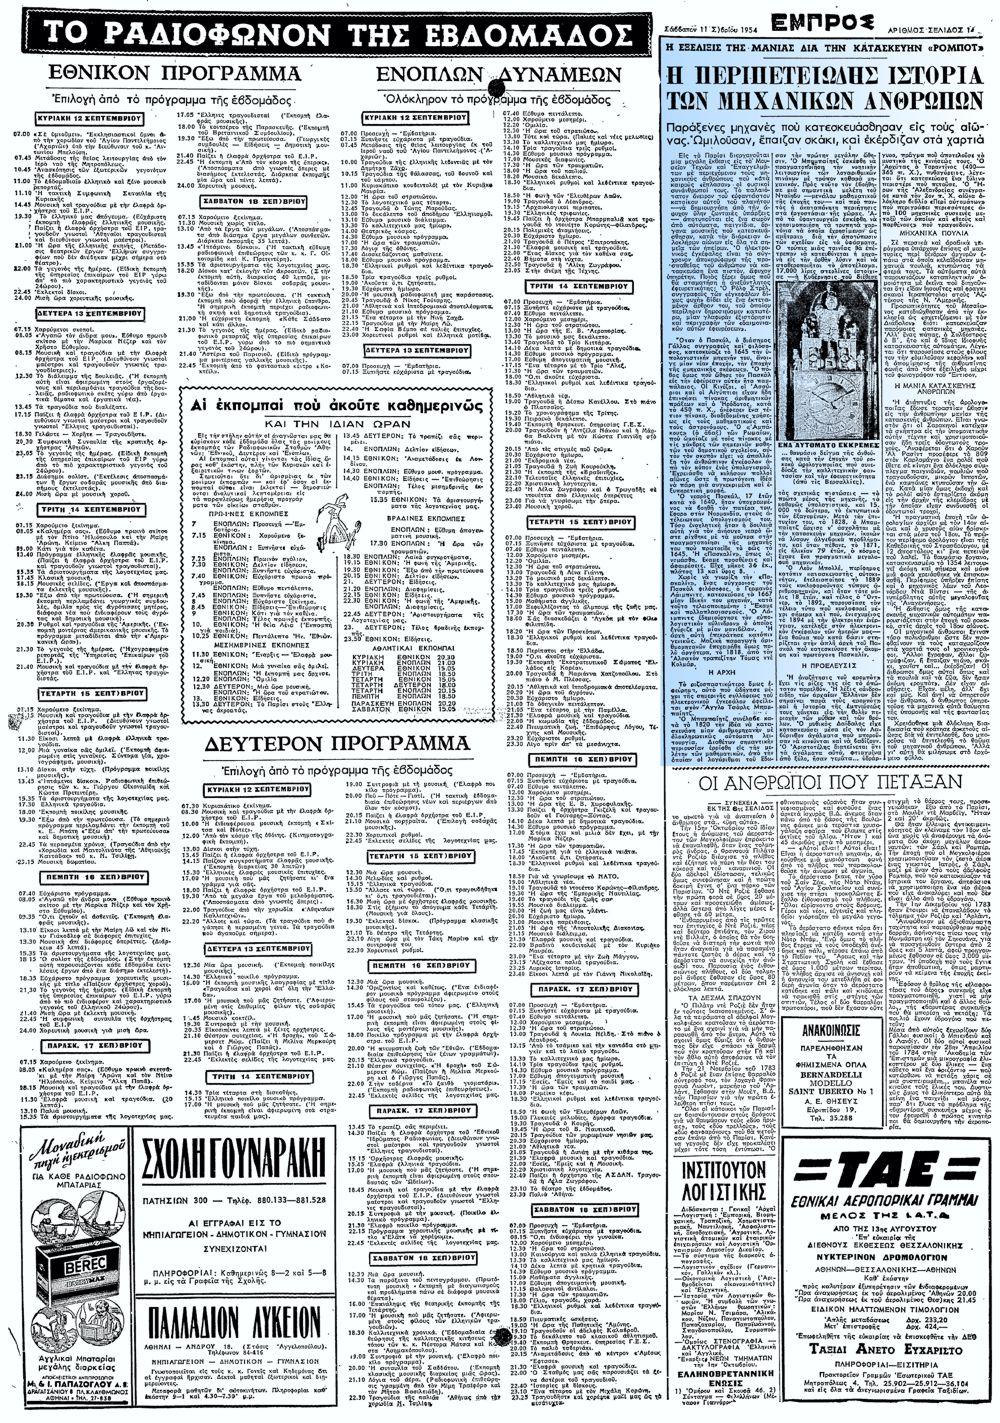 """Το άρθρο, όπως δημοσιεύθηκε στην εφημερίδα """"ΕΜΠΡΟΣ"""", στις 11/09/1954"""